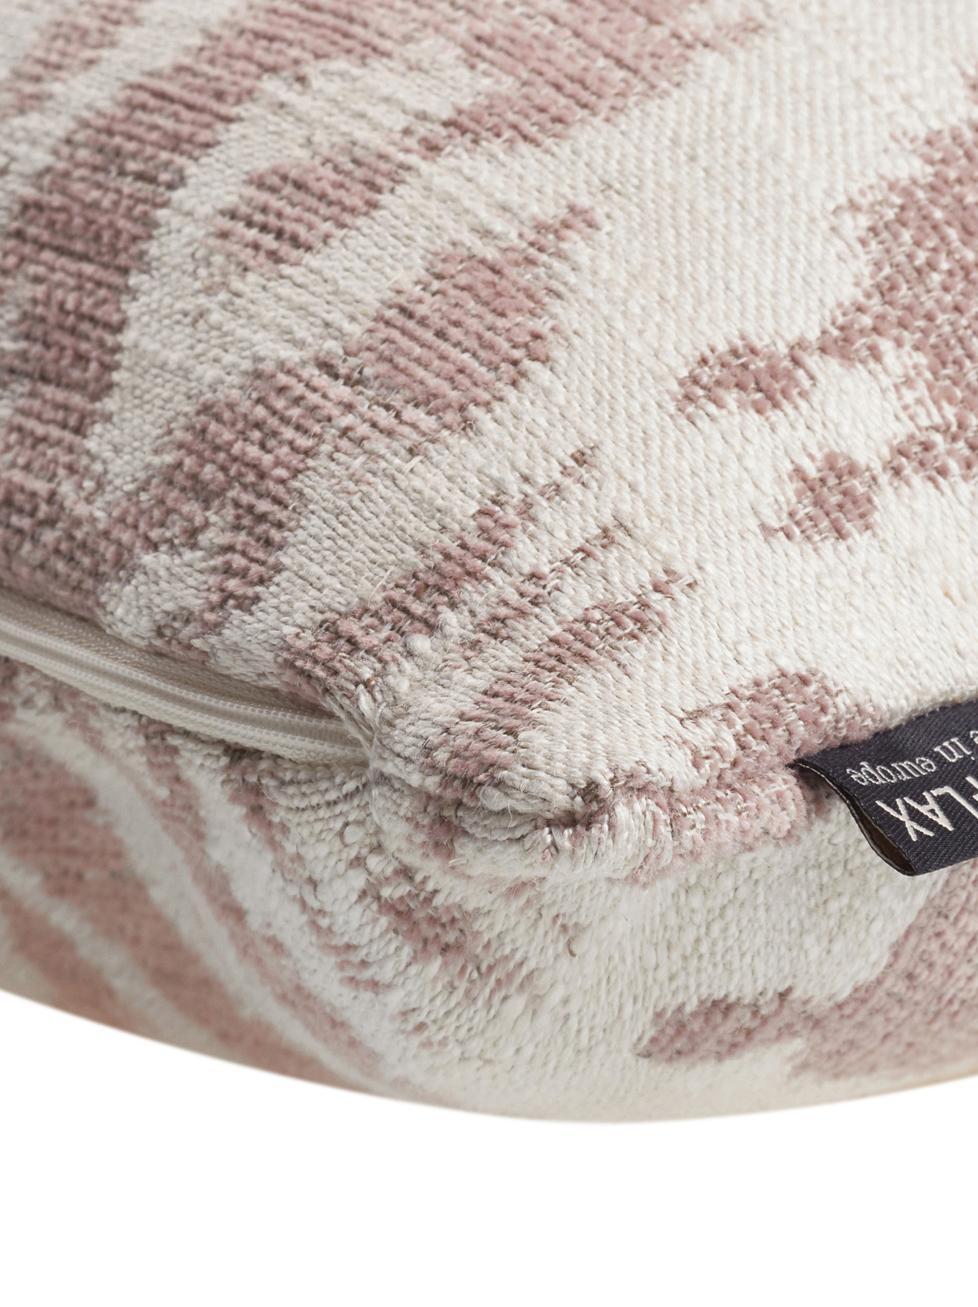 Kissenhülle Vanja in Beige/Creme, 52% Polyester, 32% Viskose, 16% Leinen, Beige, Creme, 45 x 45 cm